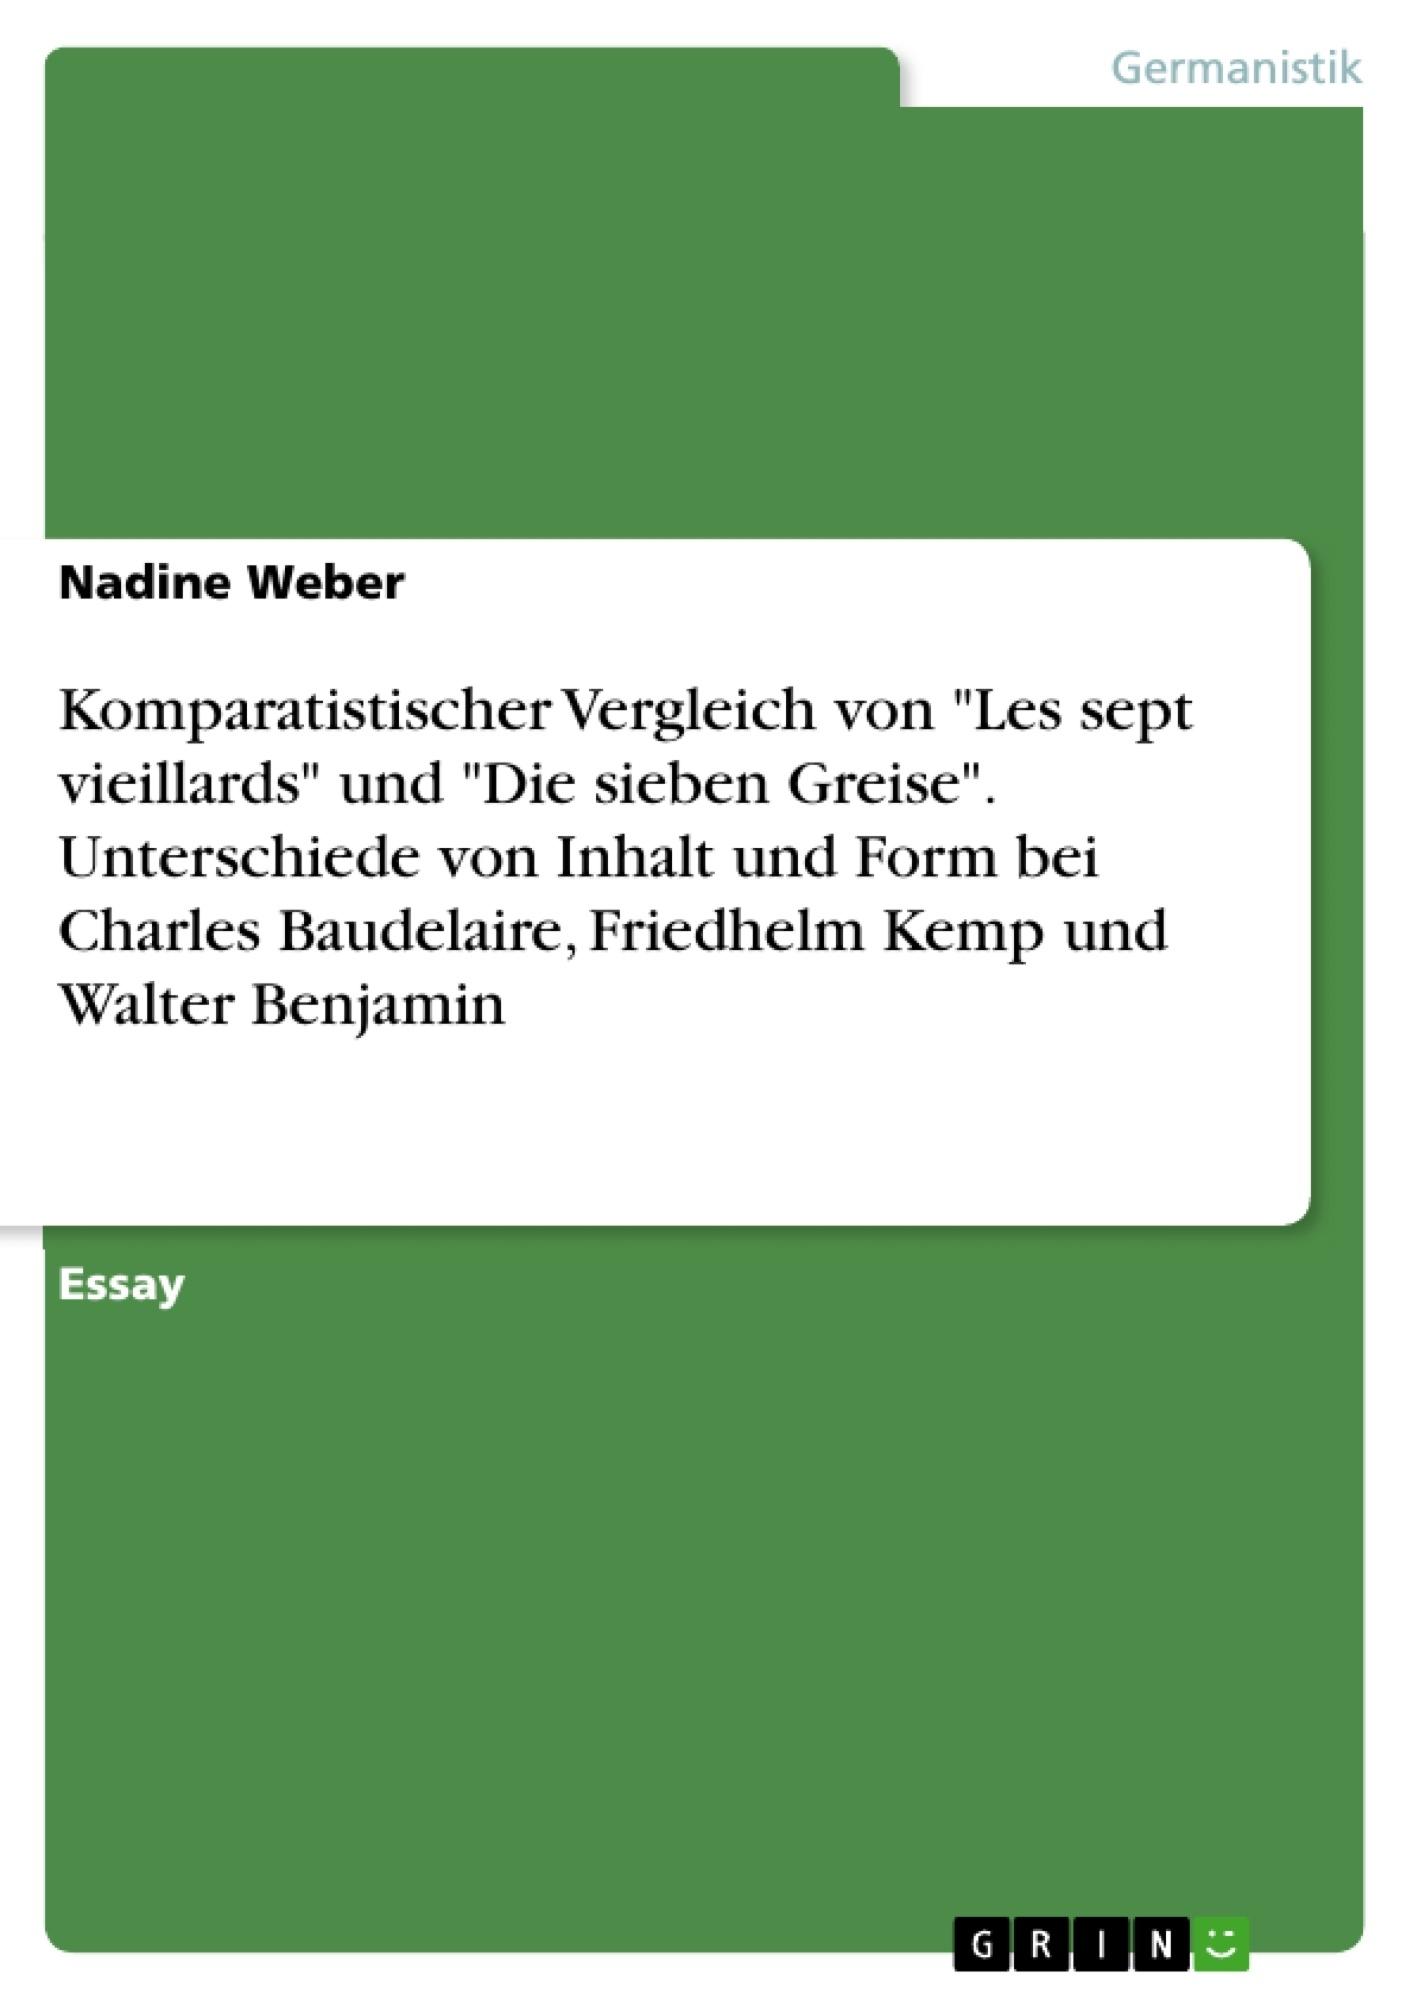 """Titel: Komparatistischer Vergleich von """"Les sept vieillards"""" und """"Die sieben Greise"""". Unterschiede von Inhalt und Form bei Charles Baudelaire, Friedhelm Kemp und Walter Benjamin"""